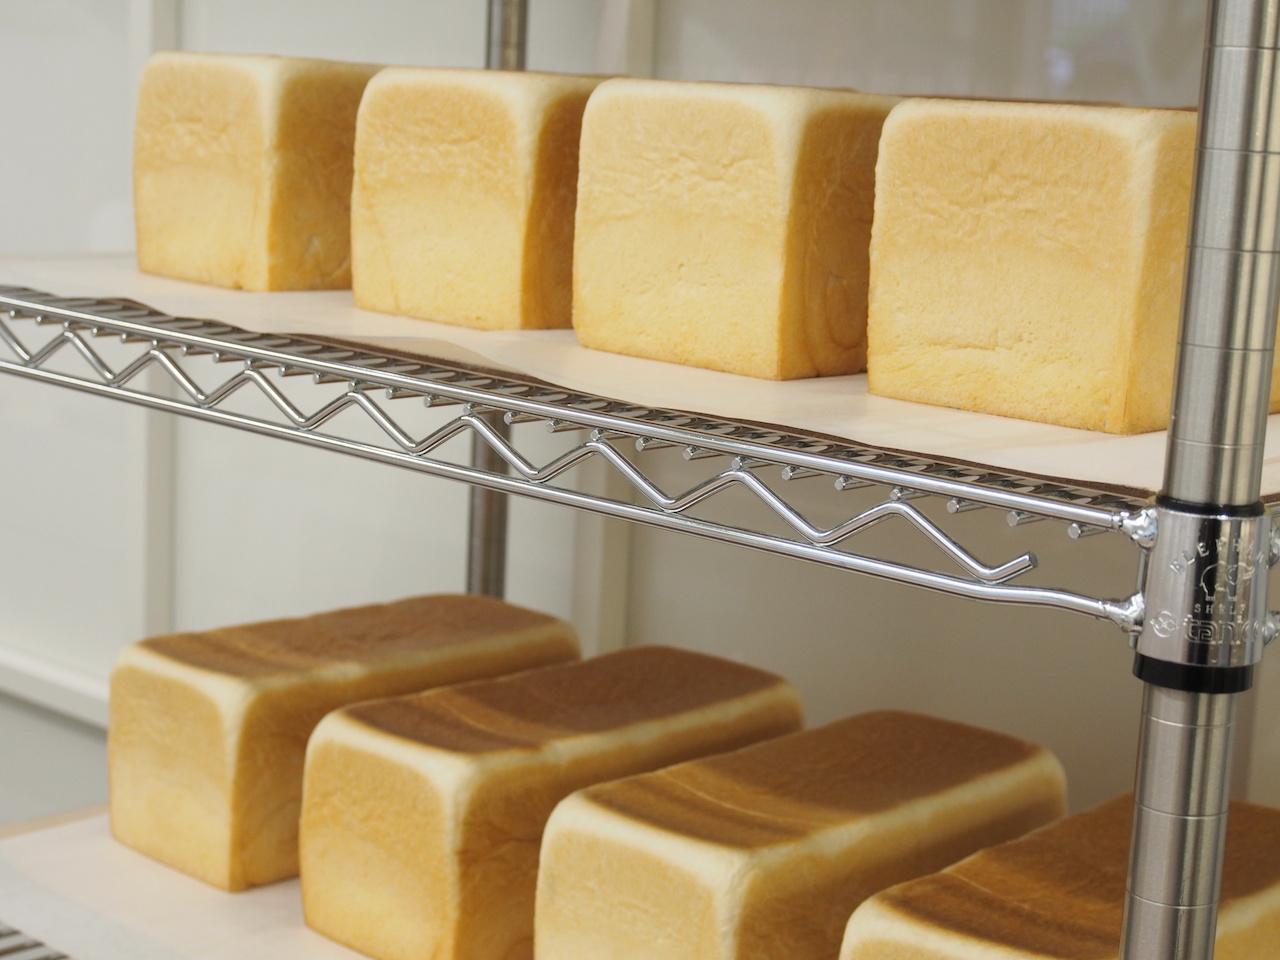 1日600本限定で販売される銀座に志かわの食パン